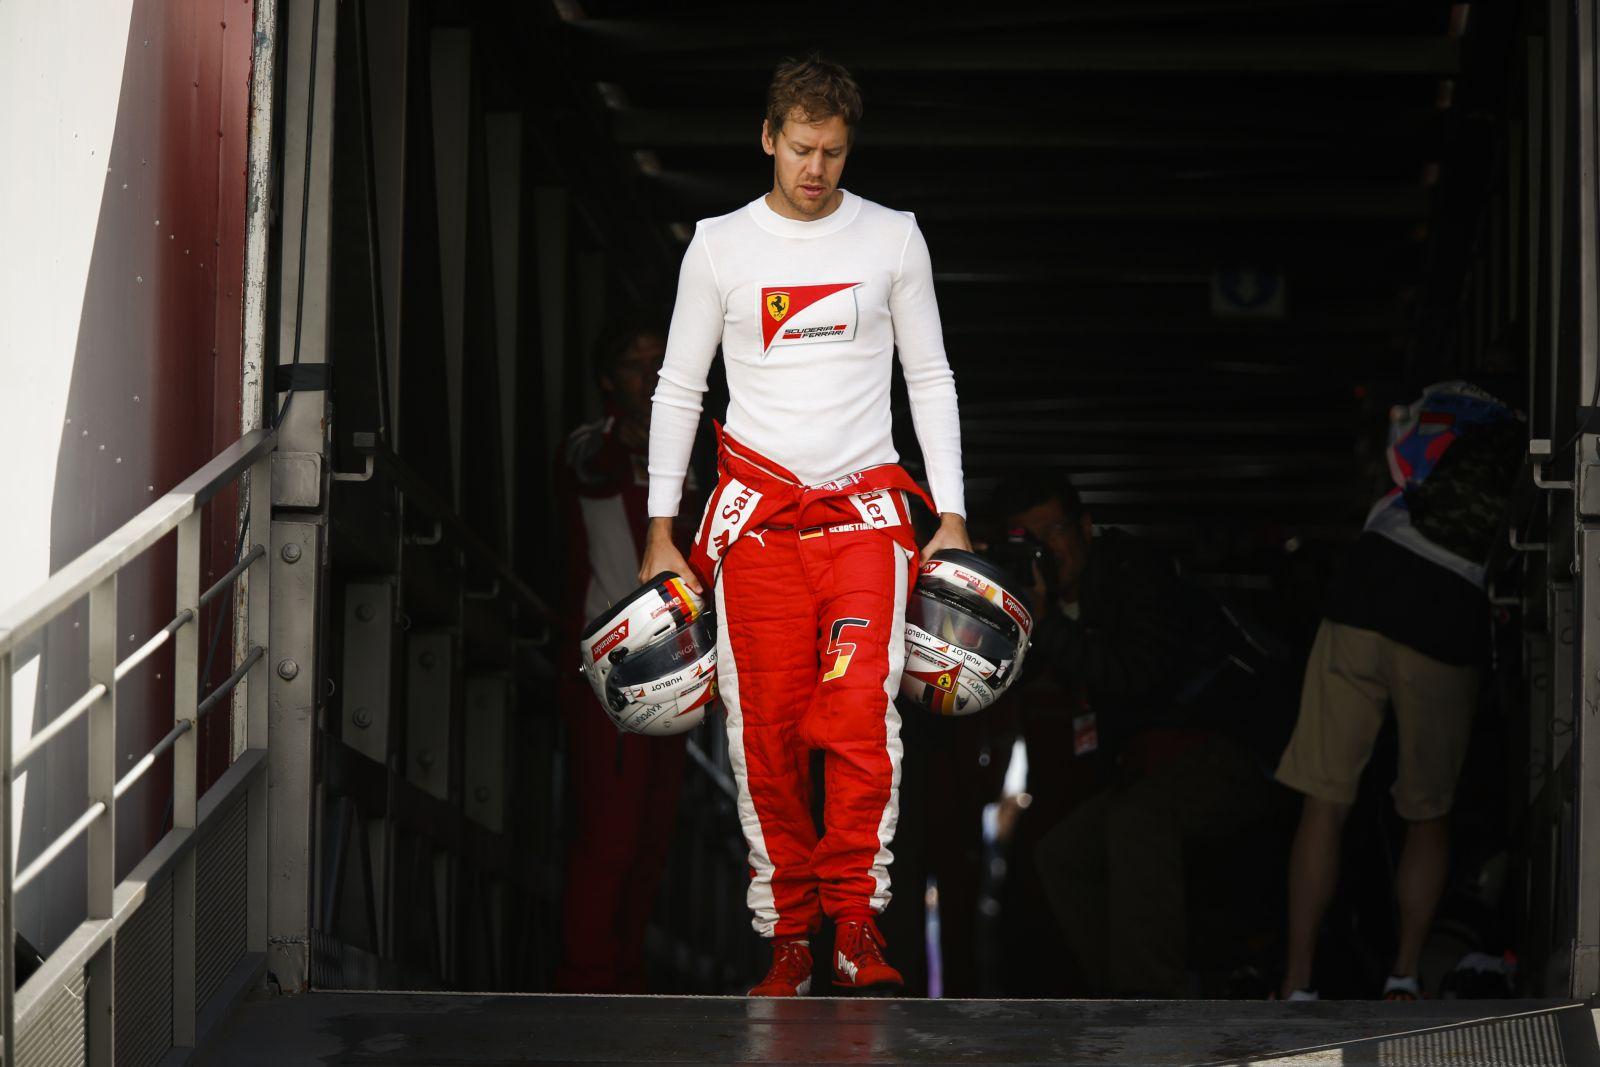 Vettel rossz példát mutat a fiataloknak, pedig a vörös inspiráció, a vörös cselekvés